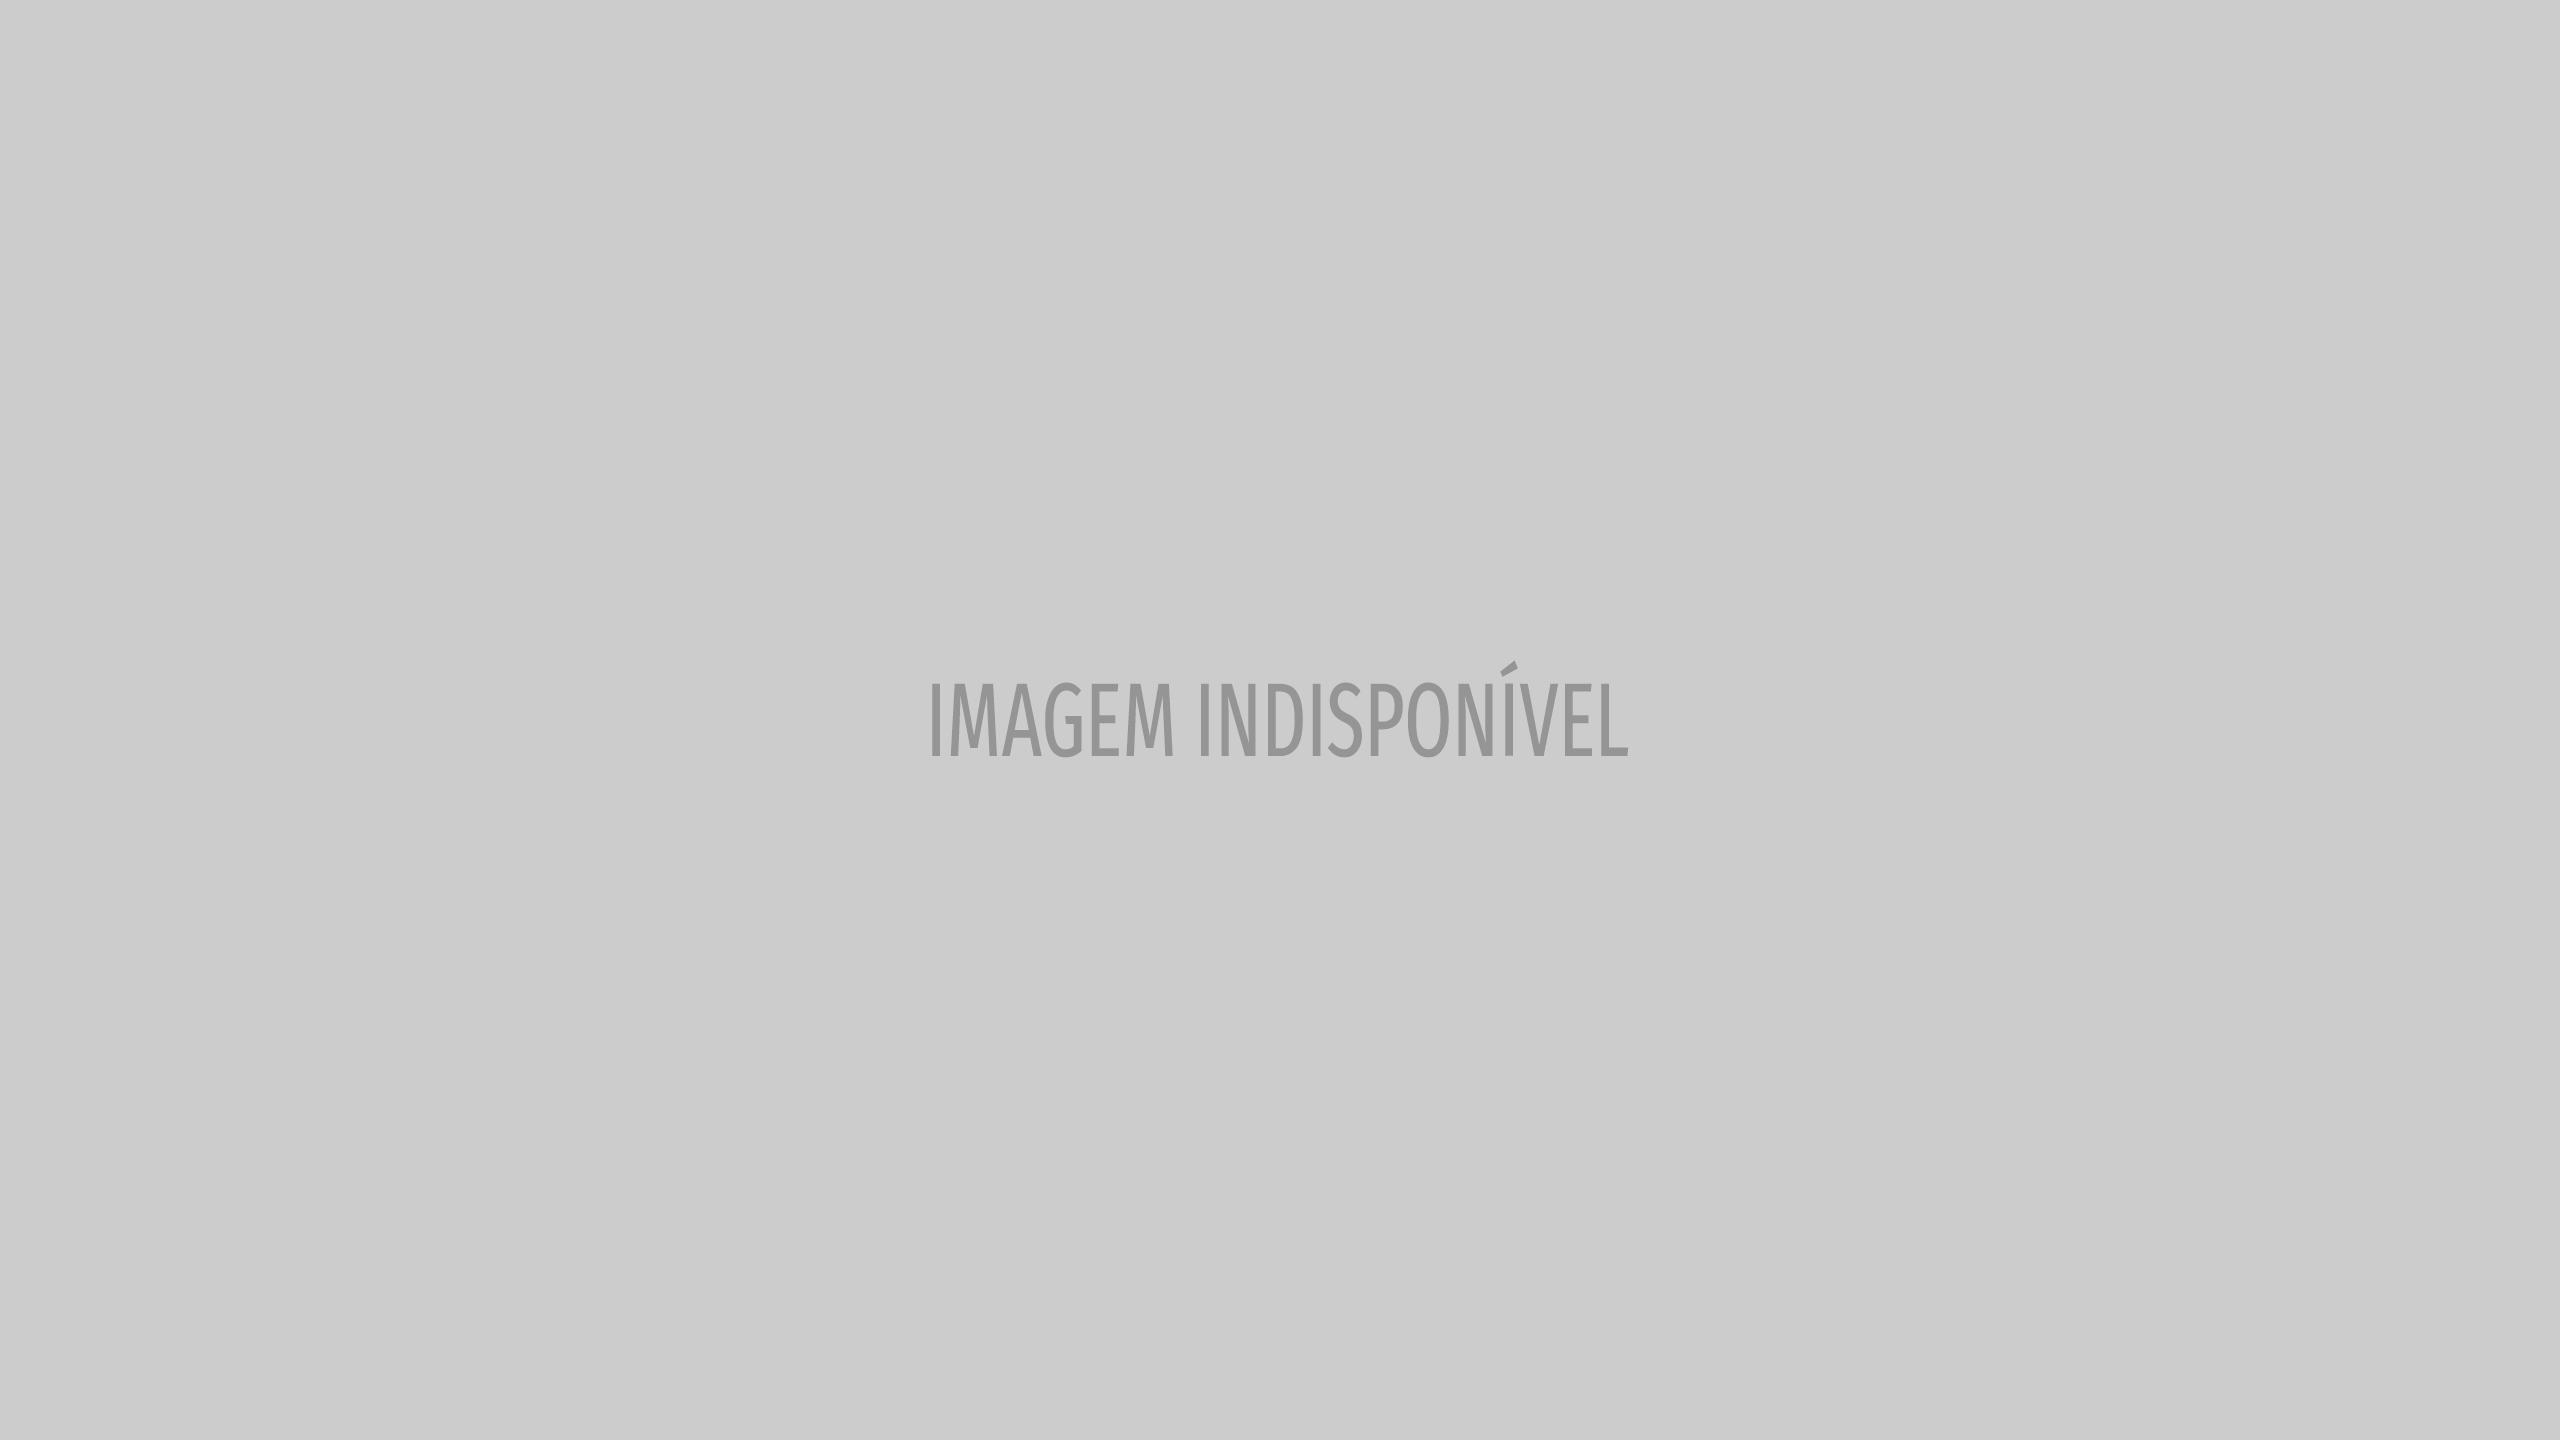 Noiva de Eduardo Bolsonaro ganha despedida de solteira com as amigas